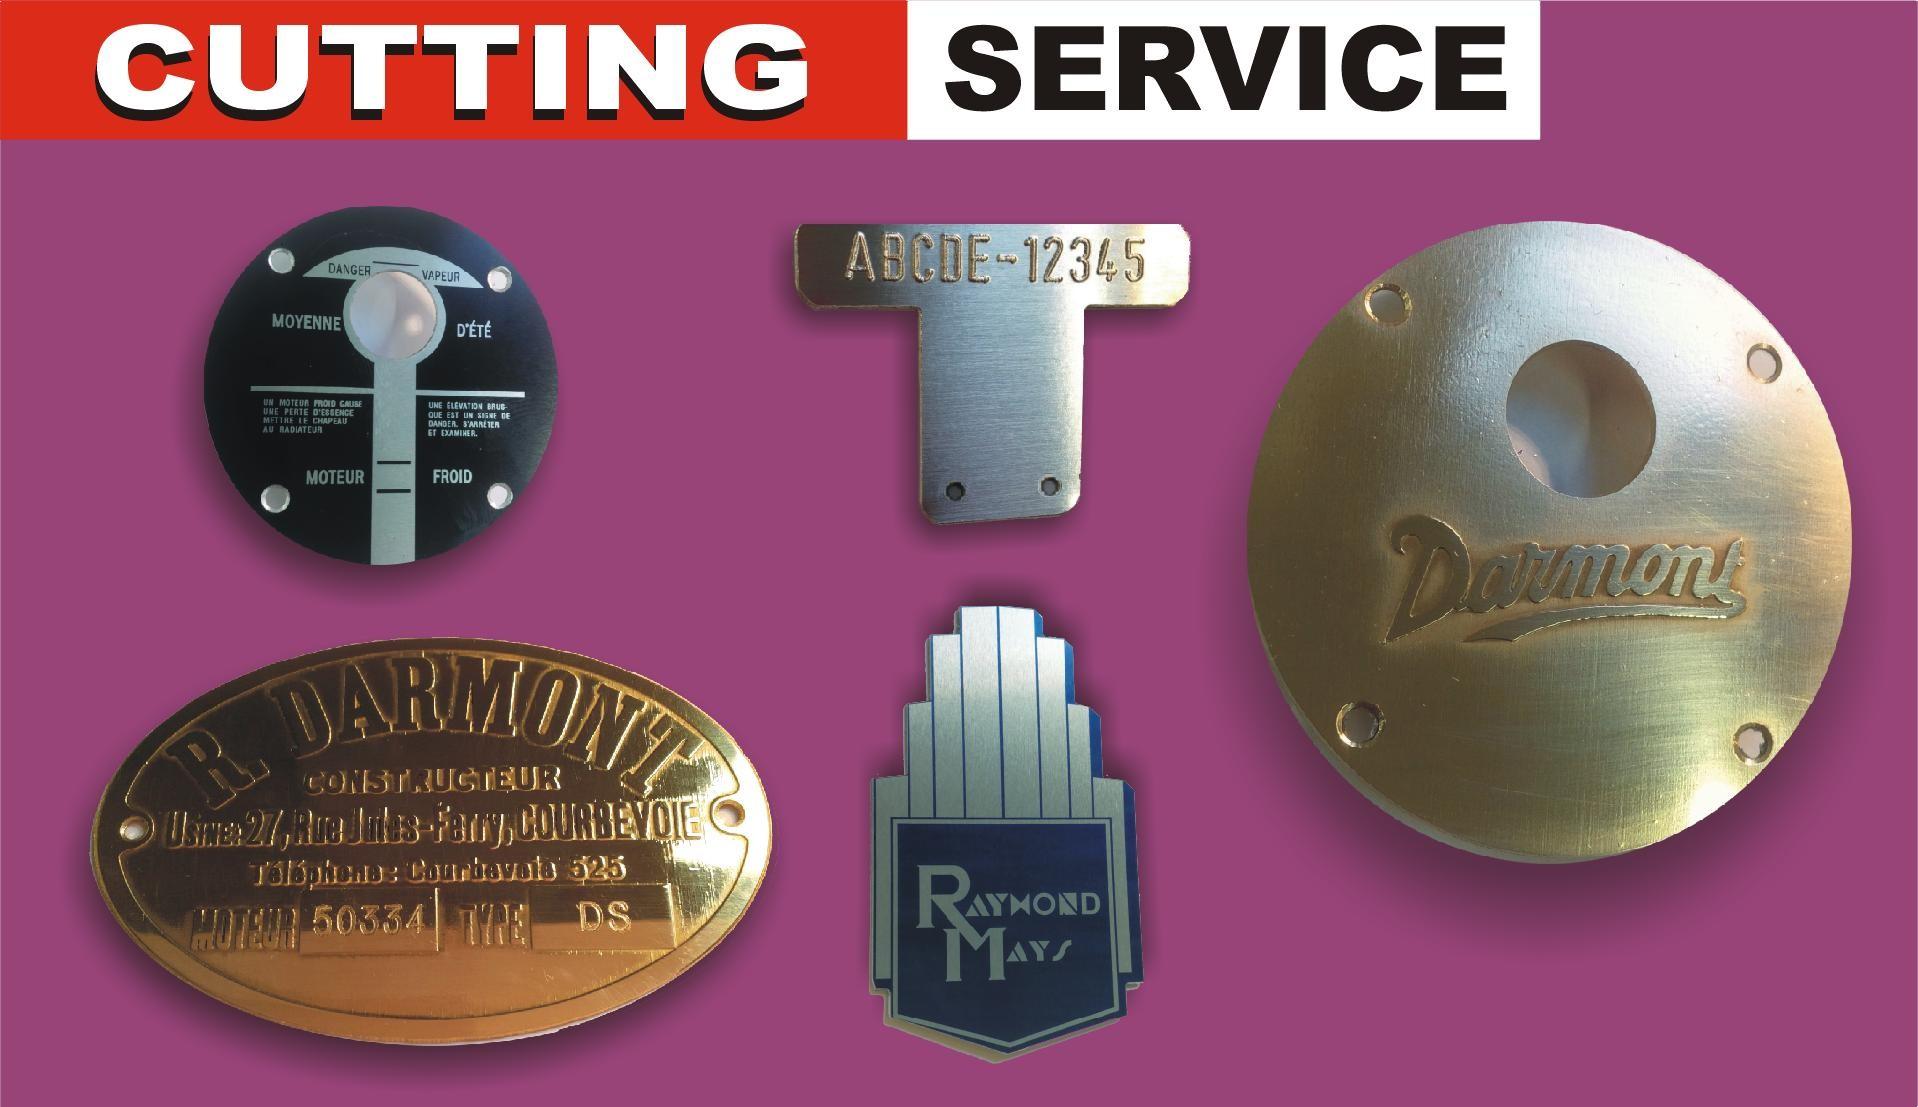 Cutting Service